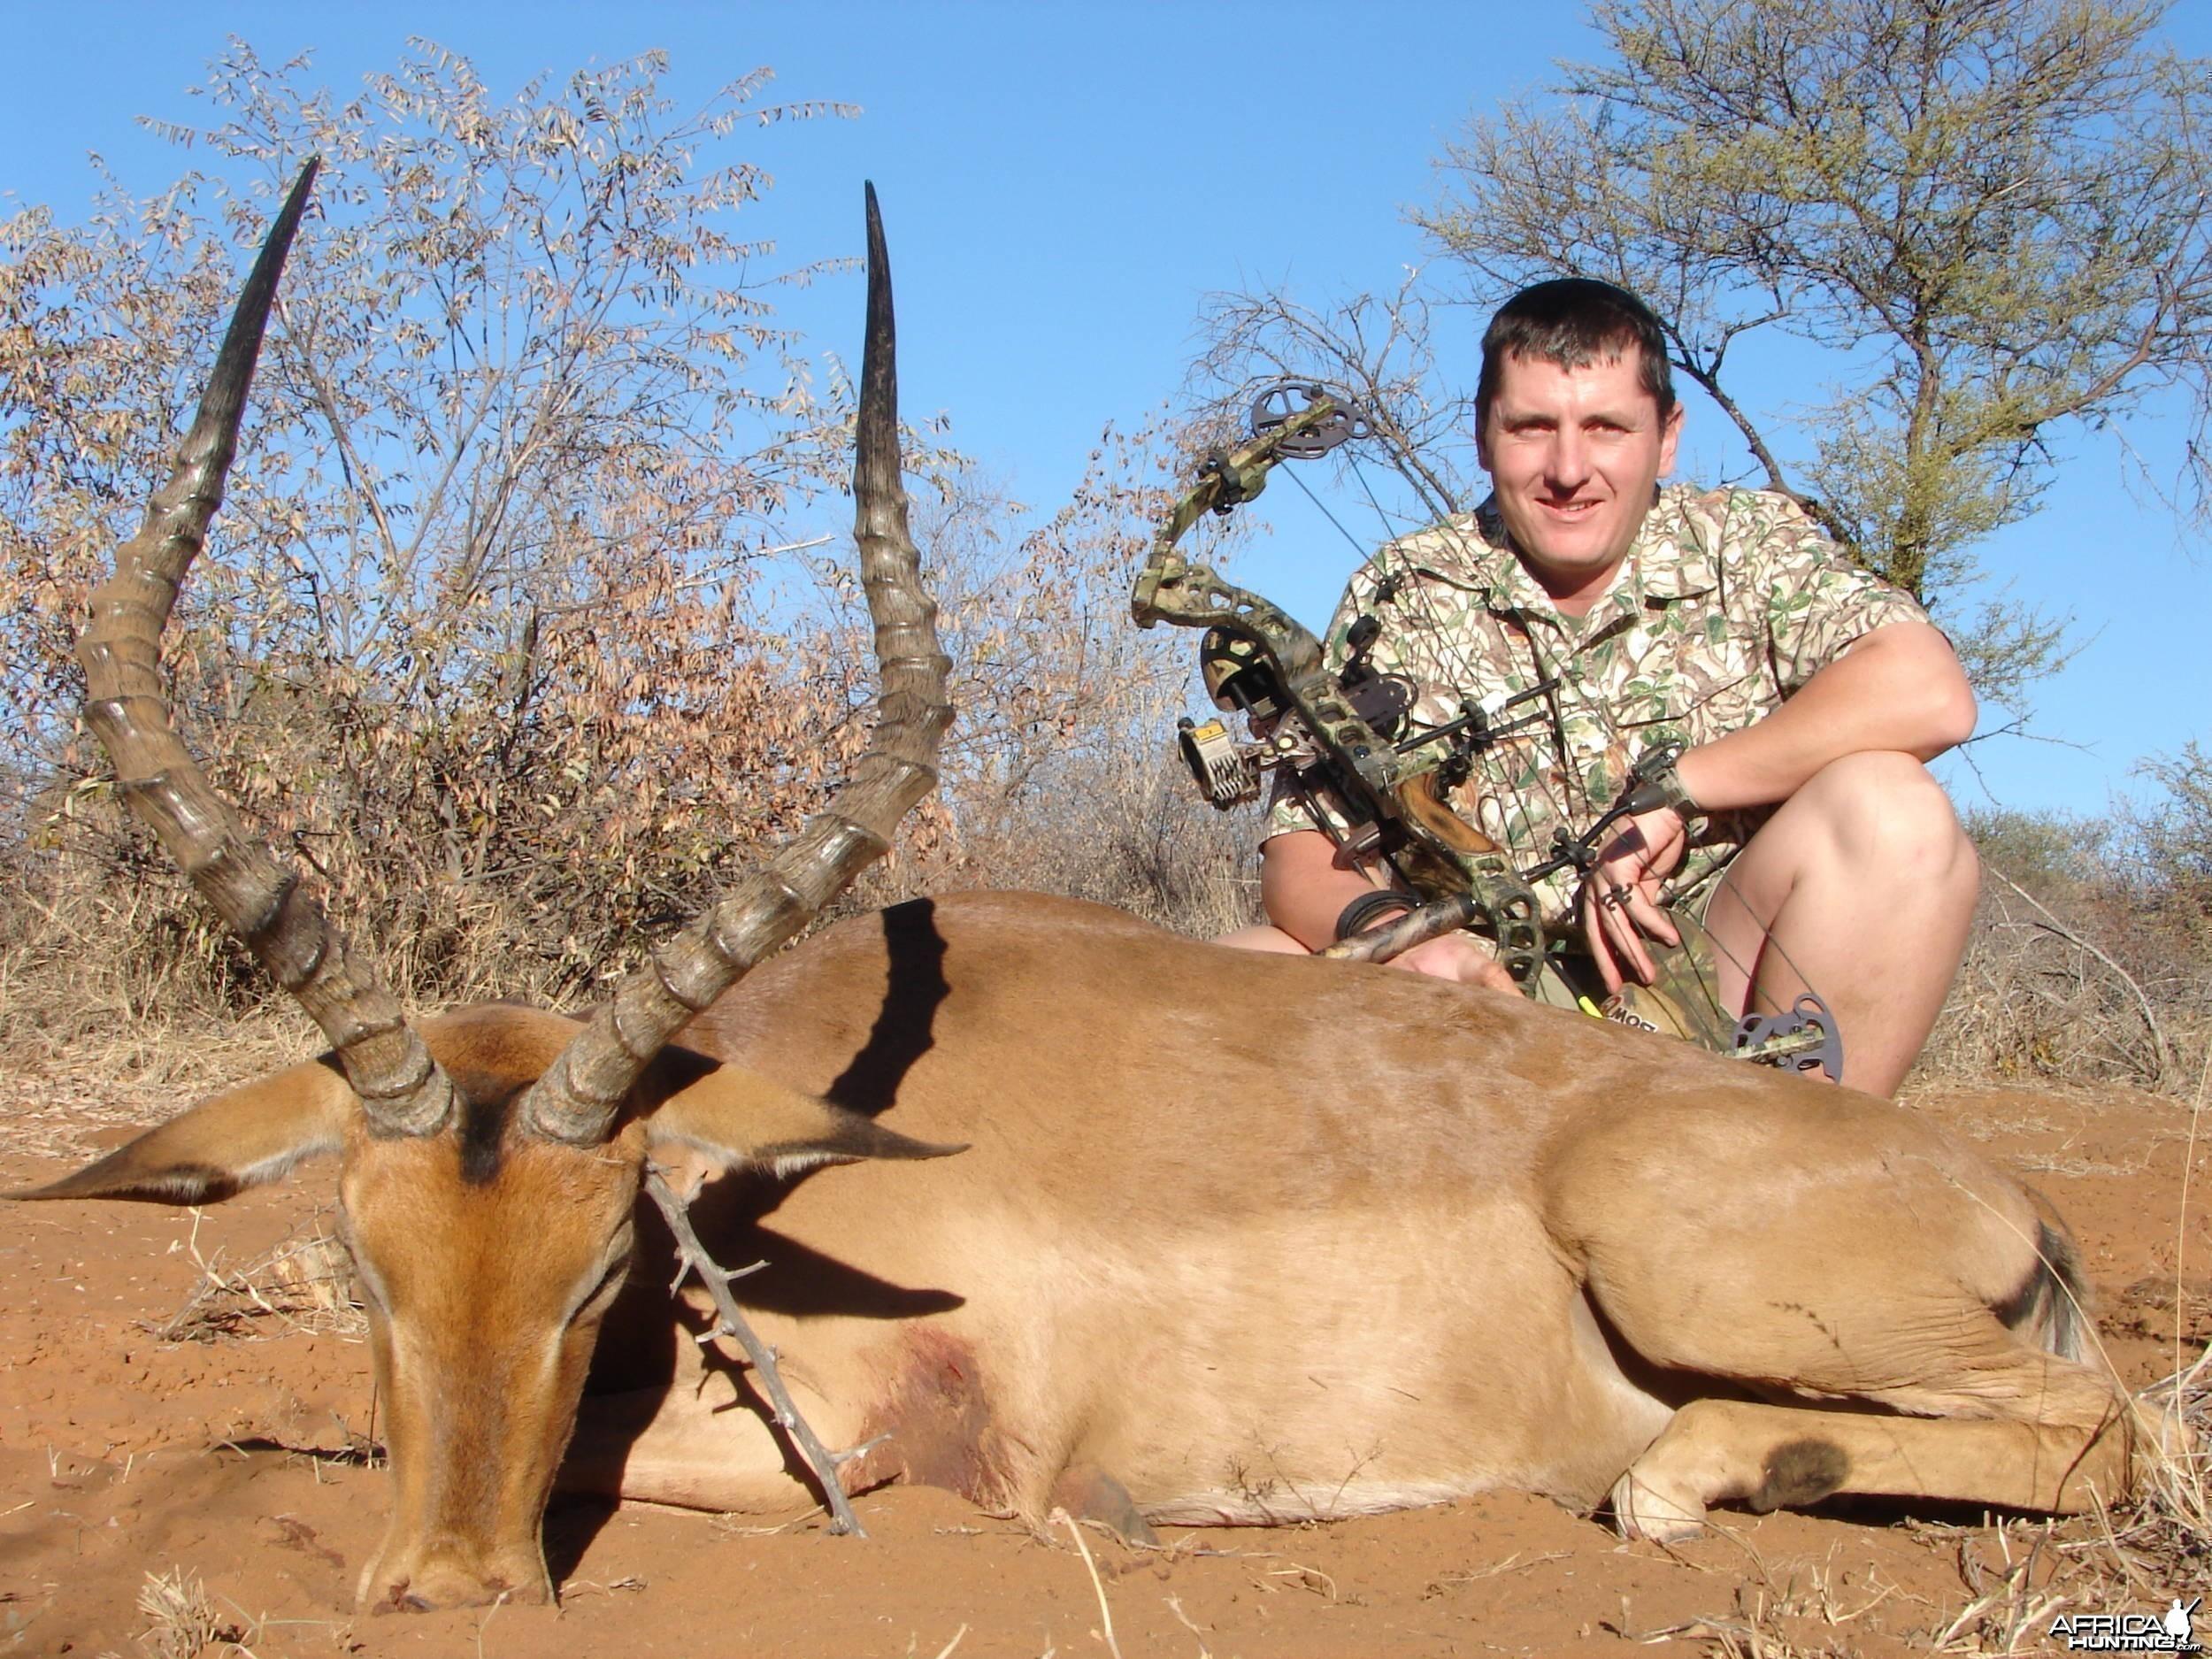 Impala Bow kill